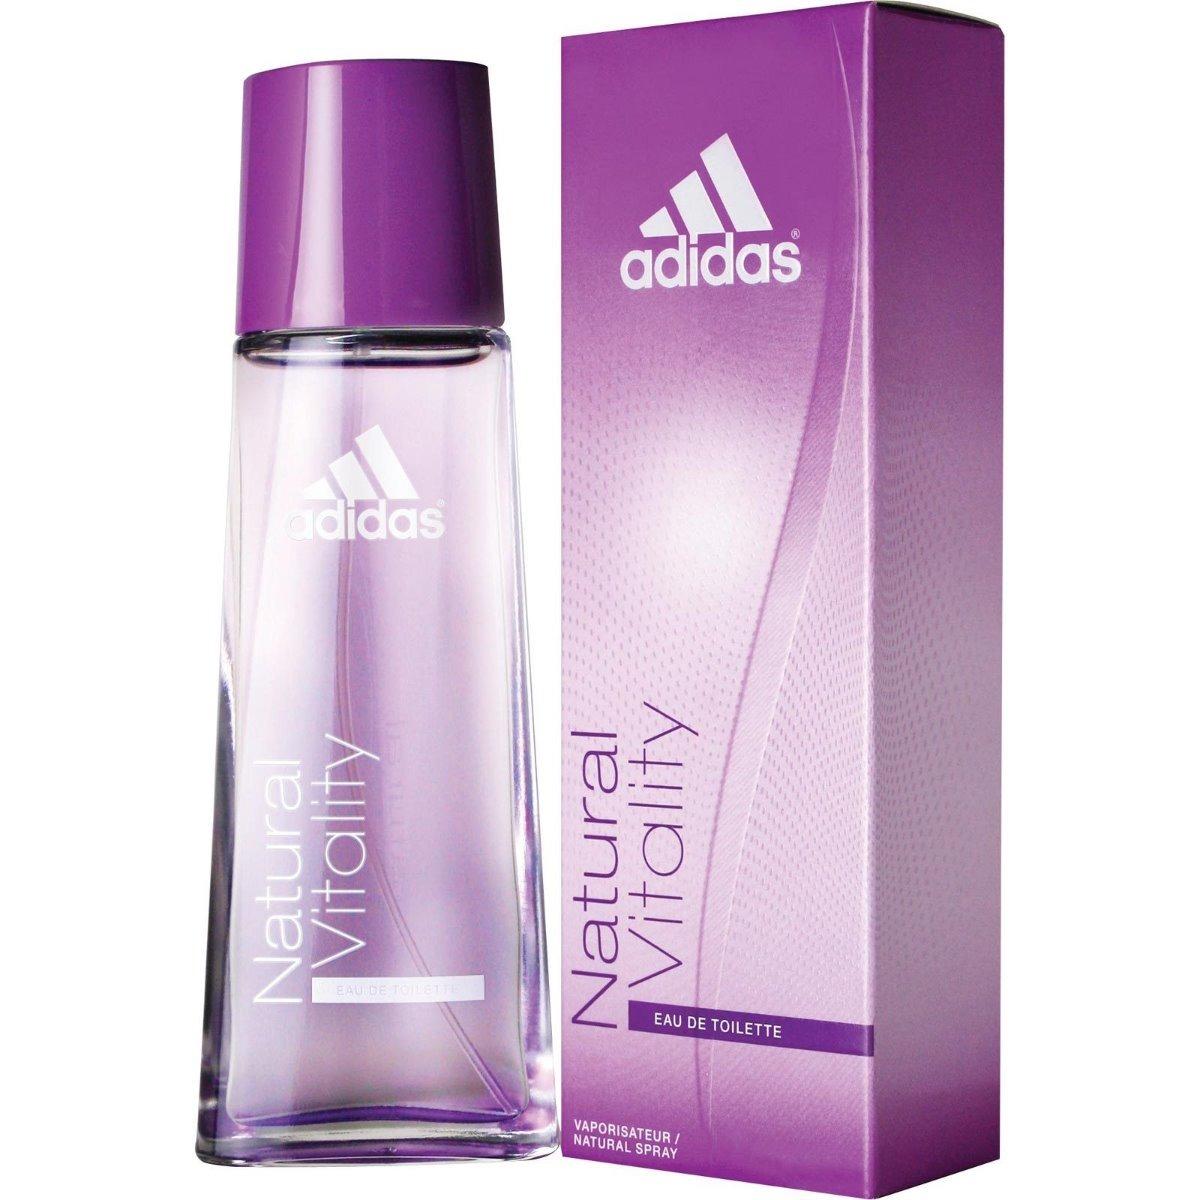 Perfume Natural Vitality Adidas Edt 50 100Auténtico Ml H2EIWD9